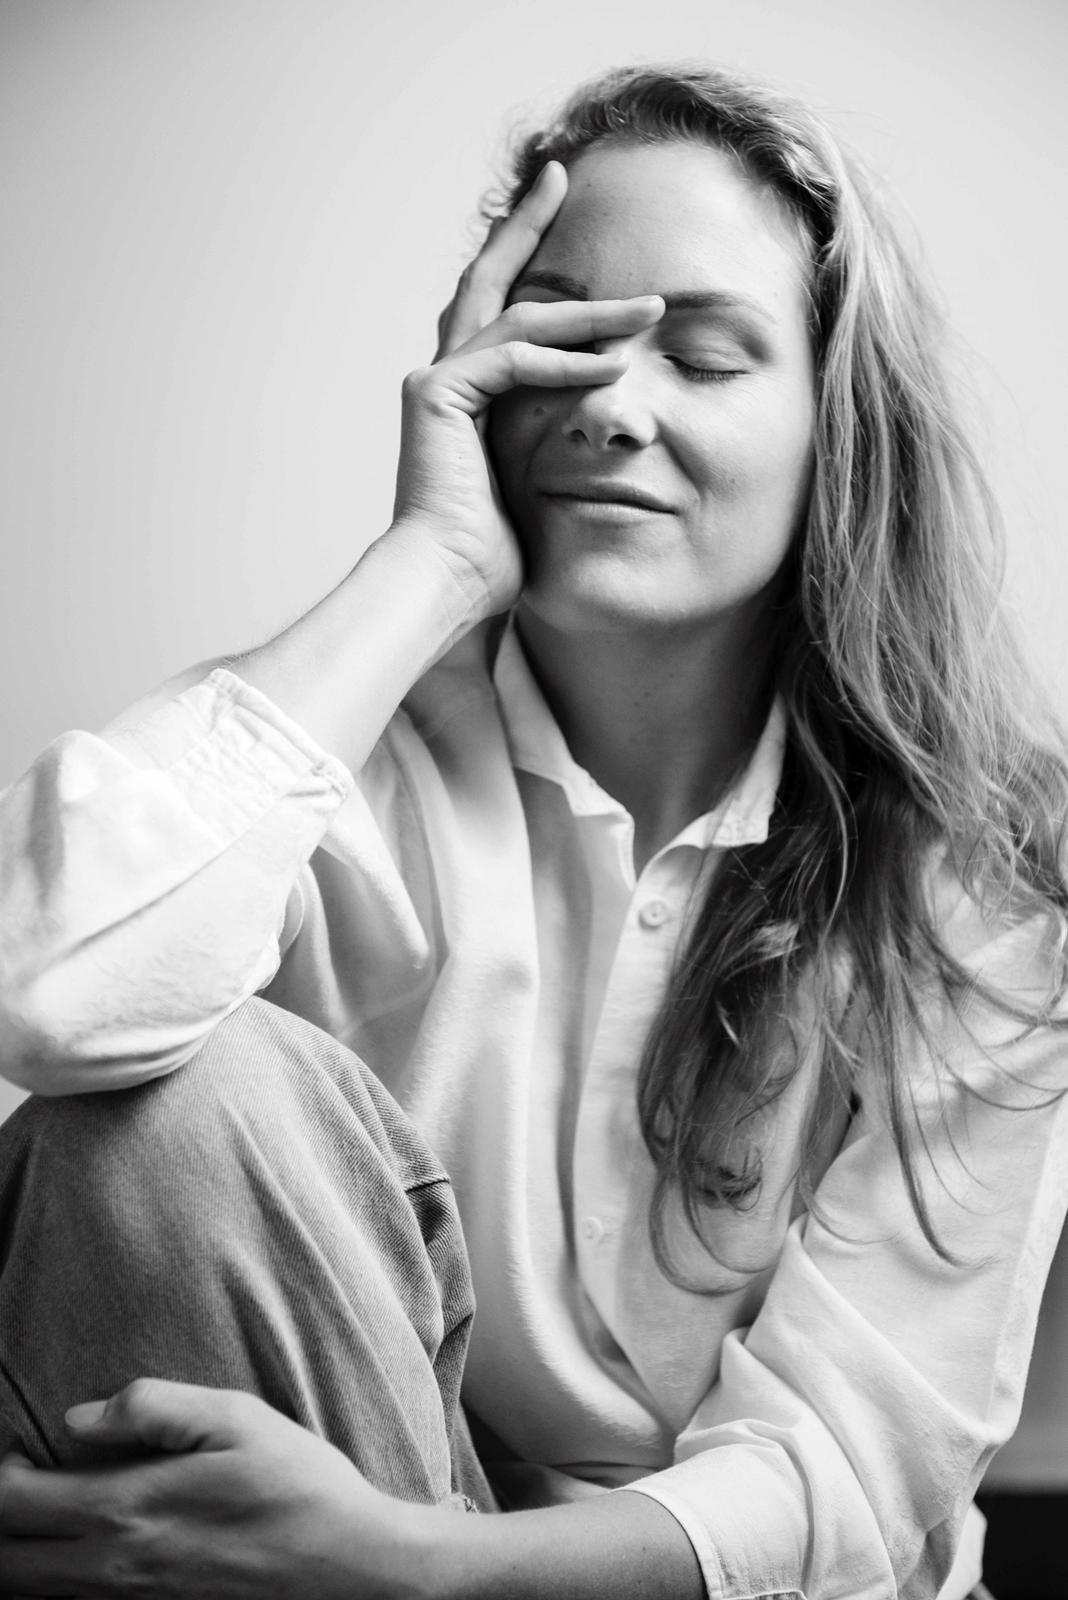 KPN-podcast Vallen & Opstaan met Susanne - Vallen & Opstaan is de nieuwe podcast van KPN voor ondernemers en door ondernemers. Elke aflevering spreekt host Vincent Reinders met ondernemers van bekende en minder bekende bedrijven. Over hun ochtendrituelen, hoop en angst, succes en falen, vallen en weer opstaan. Susanne werd bevraagd over haar besluit om een gouden carriereperspectief bij een bank op te geven voor een bestaan als zelfstandig uitvaartondernemer.